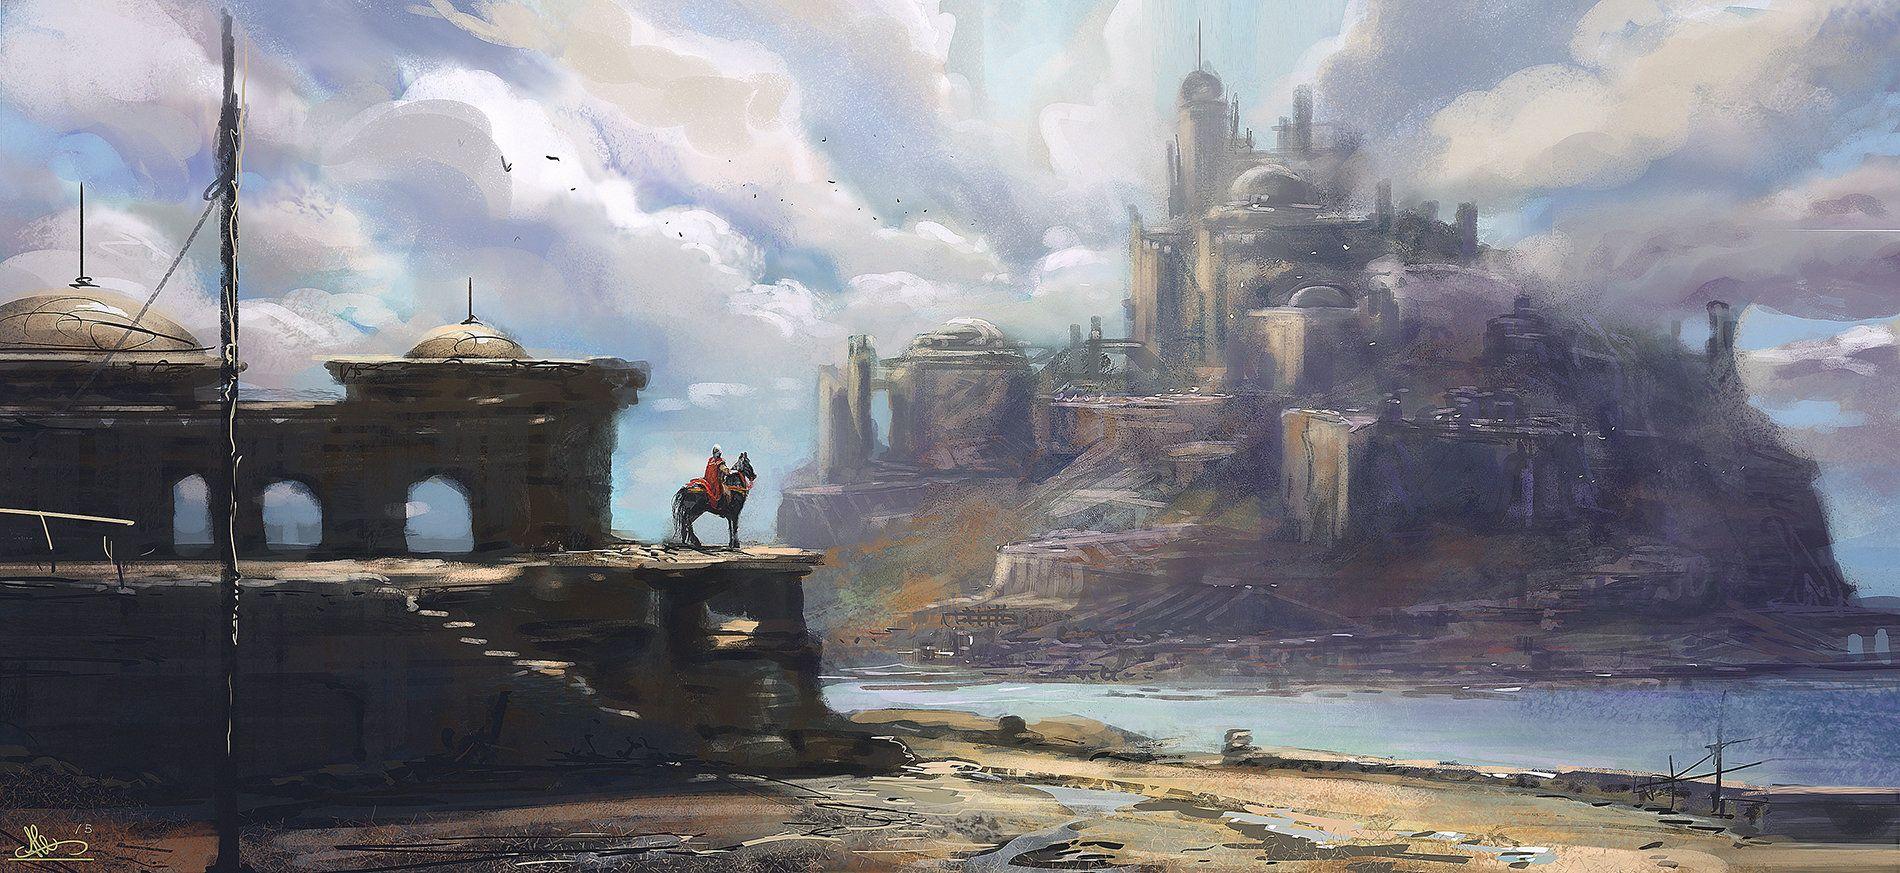 ArtStation - Castle in the clouds, Alejandro Olmedo